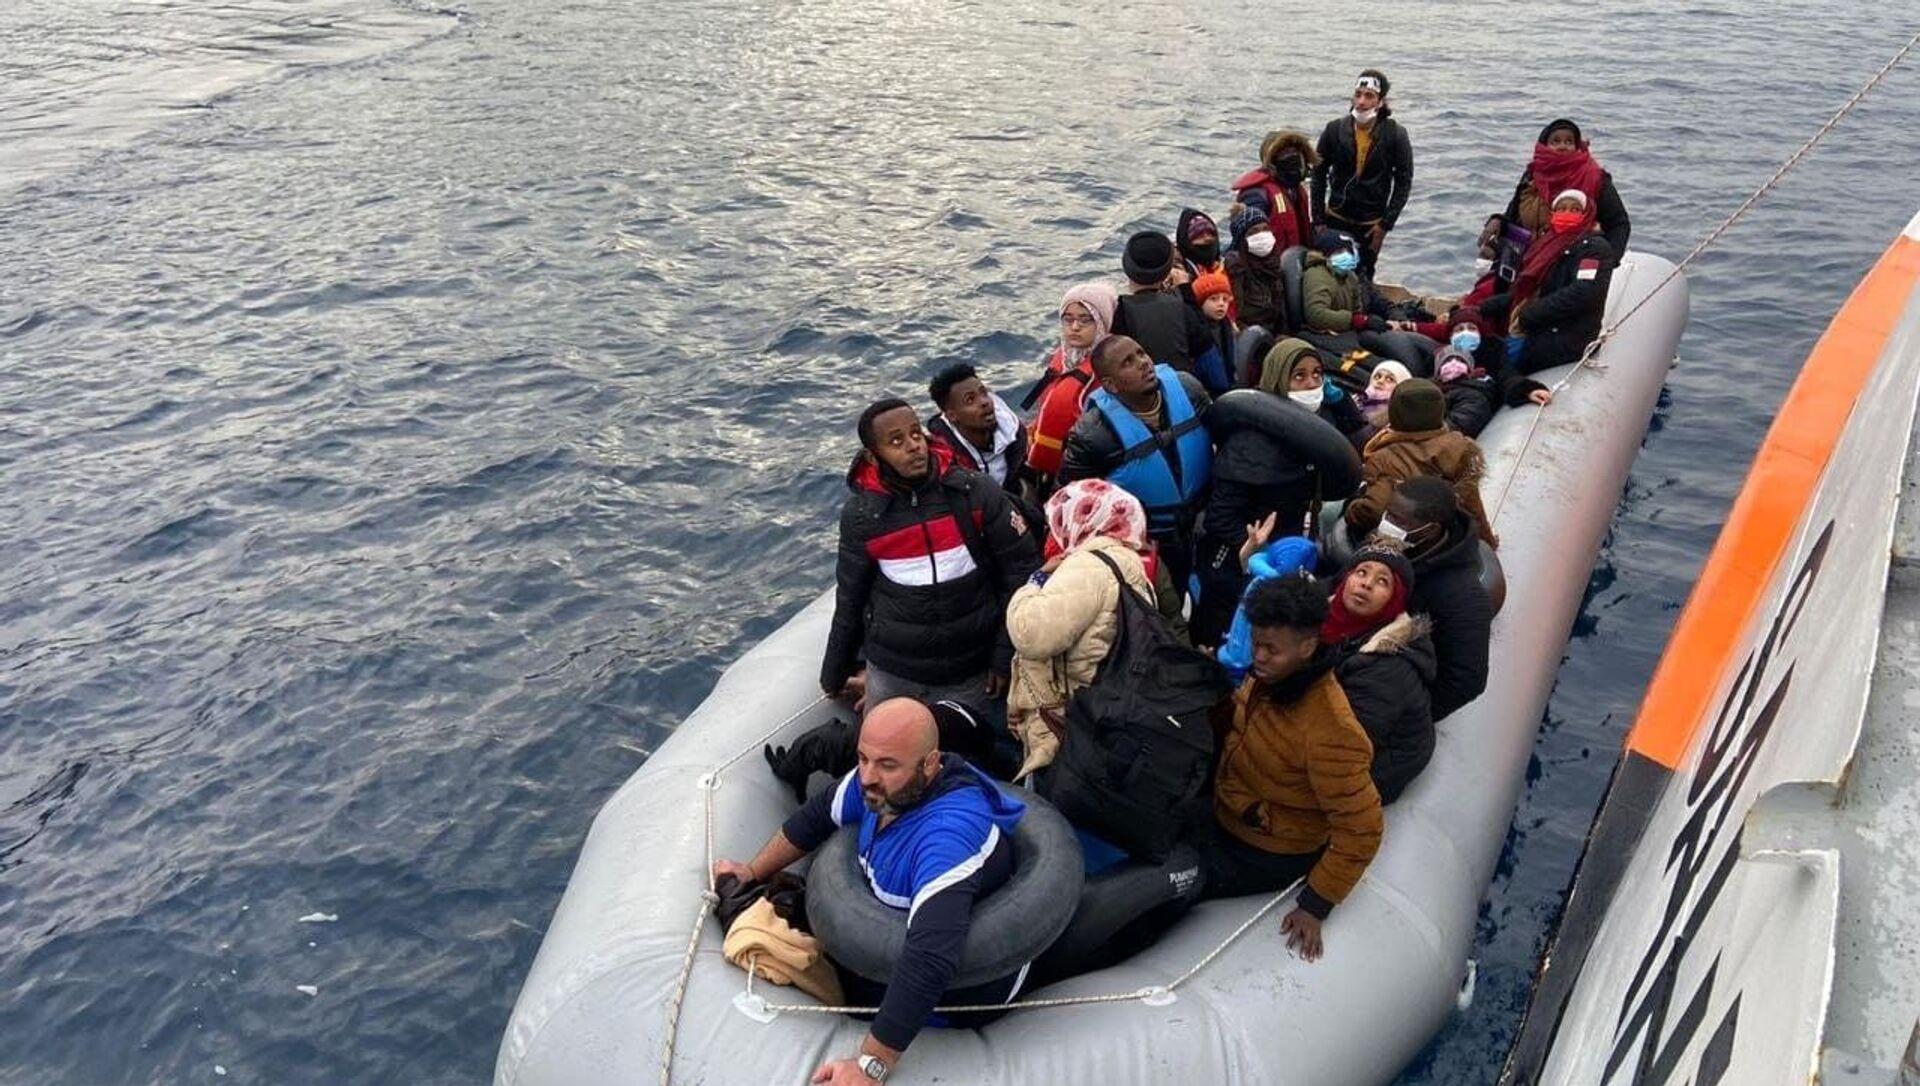 İzmir'de 64 düzensiz göçmen kurtarıldı - Sputnik Türkiye, 1920, 08.04.2021